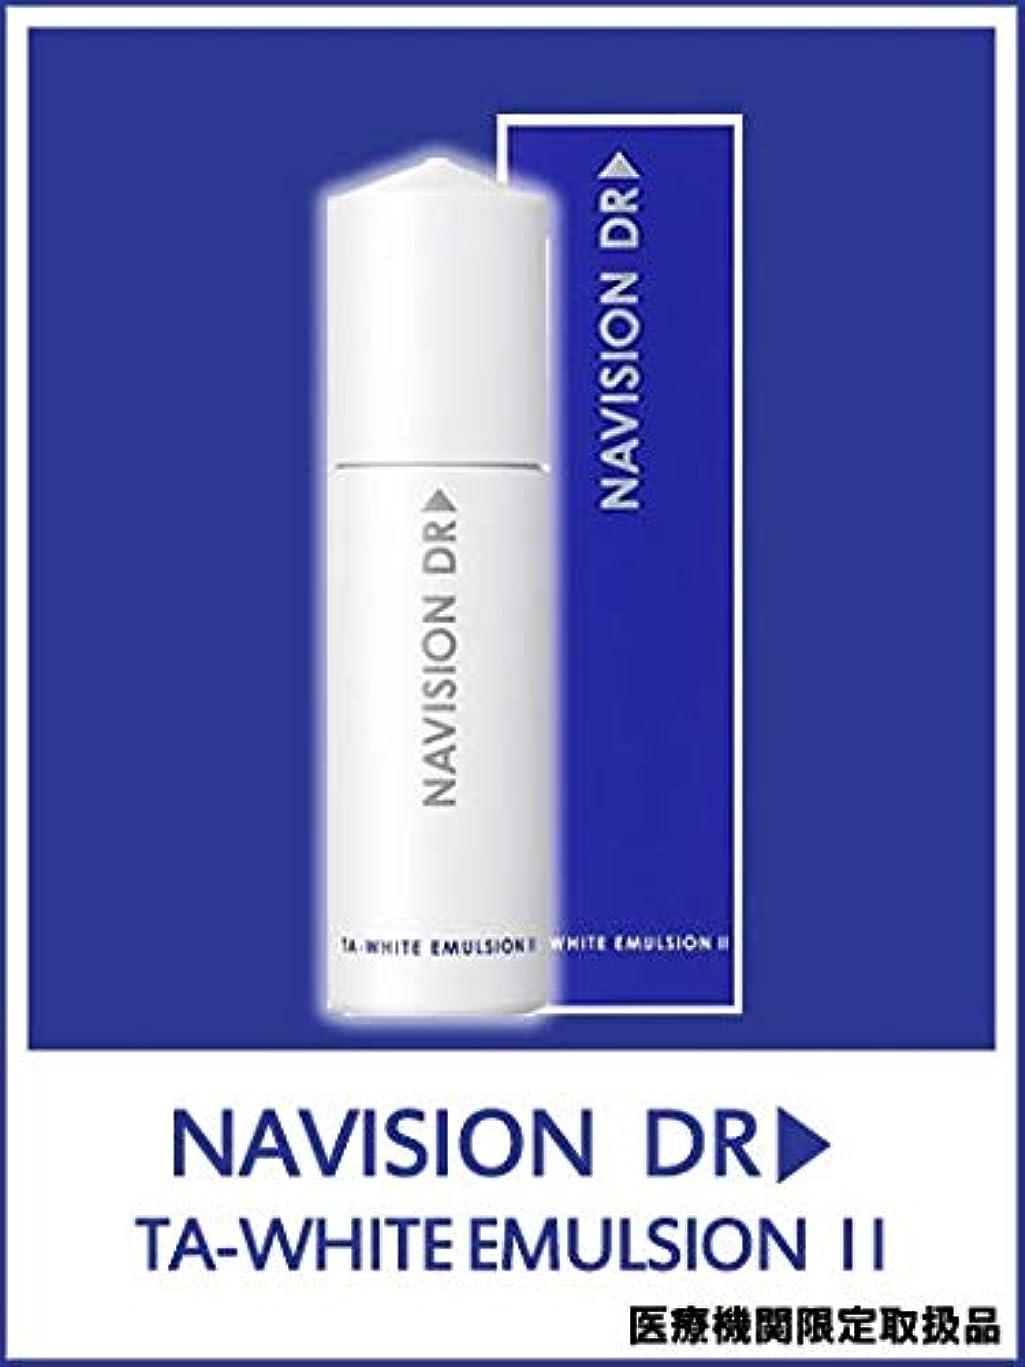 側面処分した水星NAVISION DR? ナビジョンDR TAホワイトエマルジョンⅡnしっとりうるおうタイプ(医薬部外品) 120mL